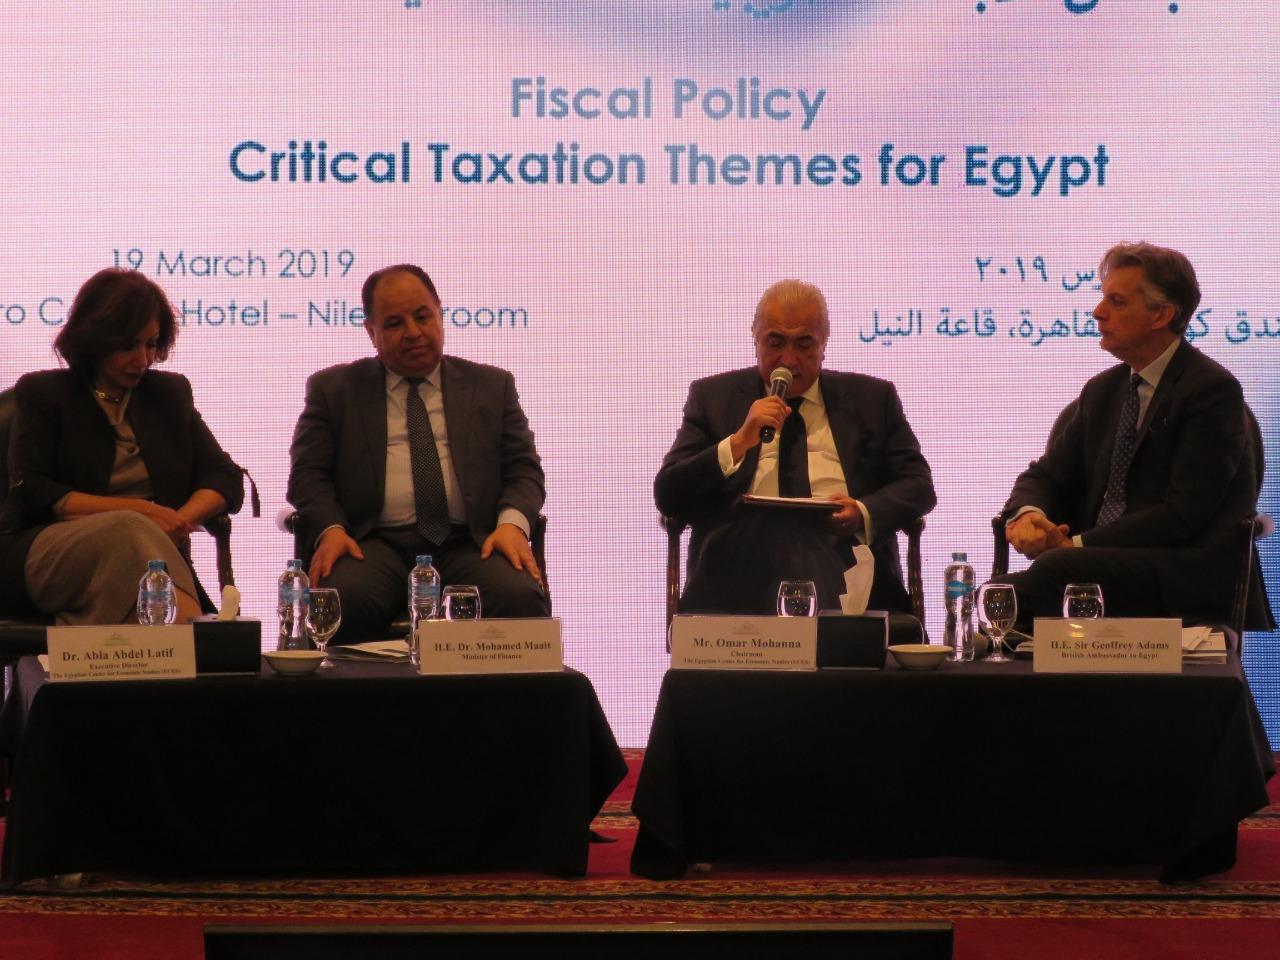 صور | وزير المالية : وضع مصر الاقتصادي حاليا أفضل من السابق بشهادة المؤسسات الدولية